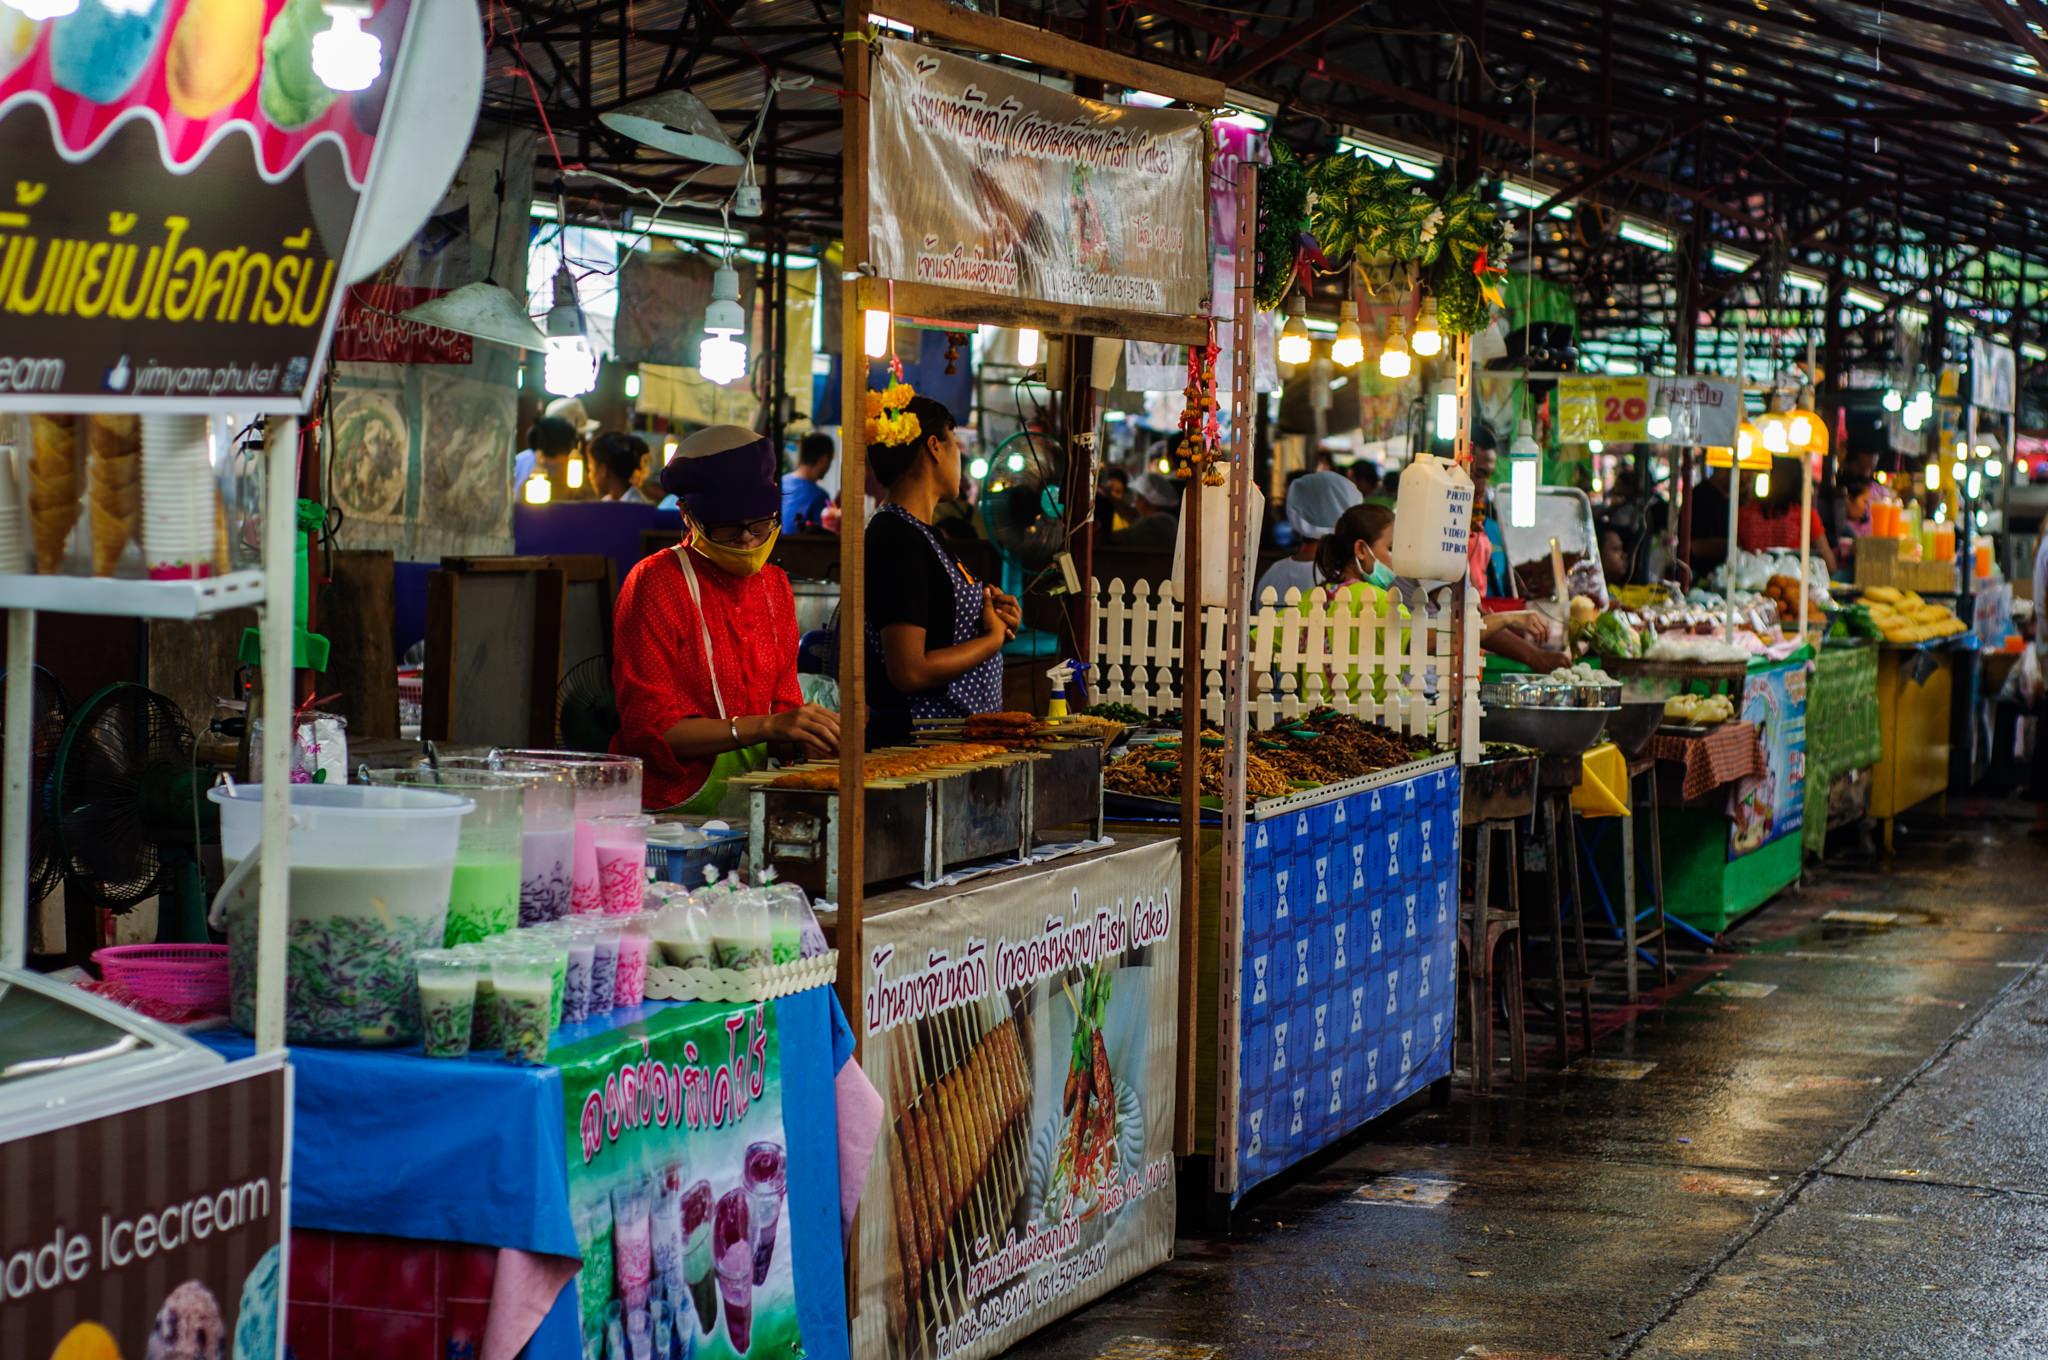 Чилва маркет. Ночной рынок Пхукет. Дешевая еда на Пхукете